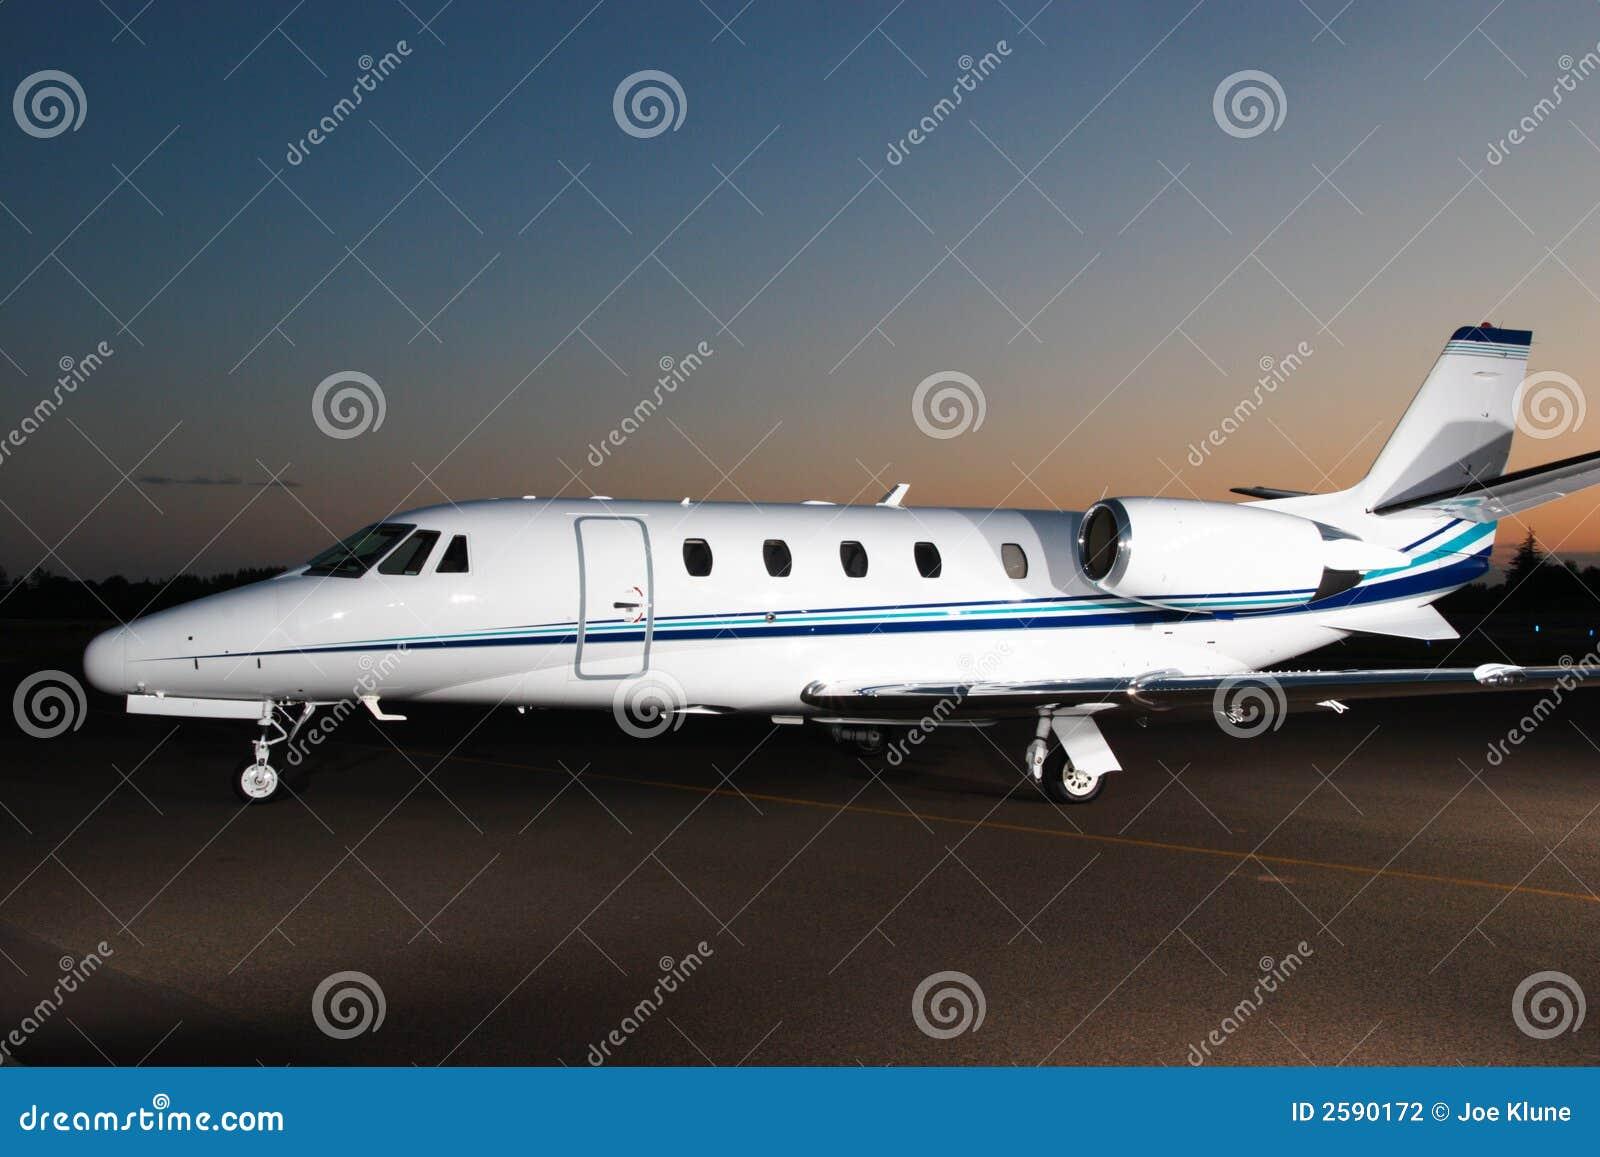 Jet Privato Catania : Jet privato fotografia stock immagine di tarmac